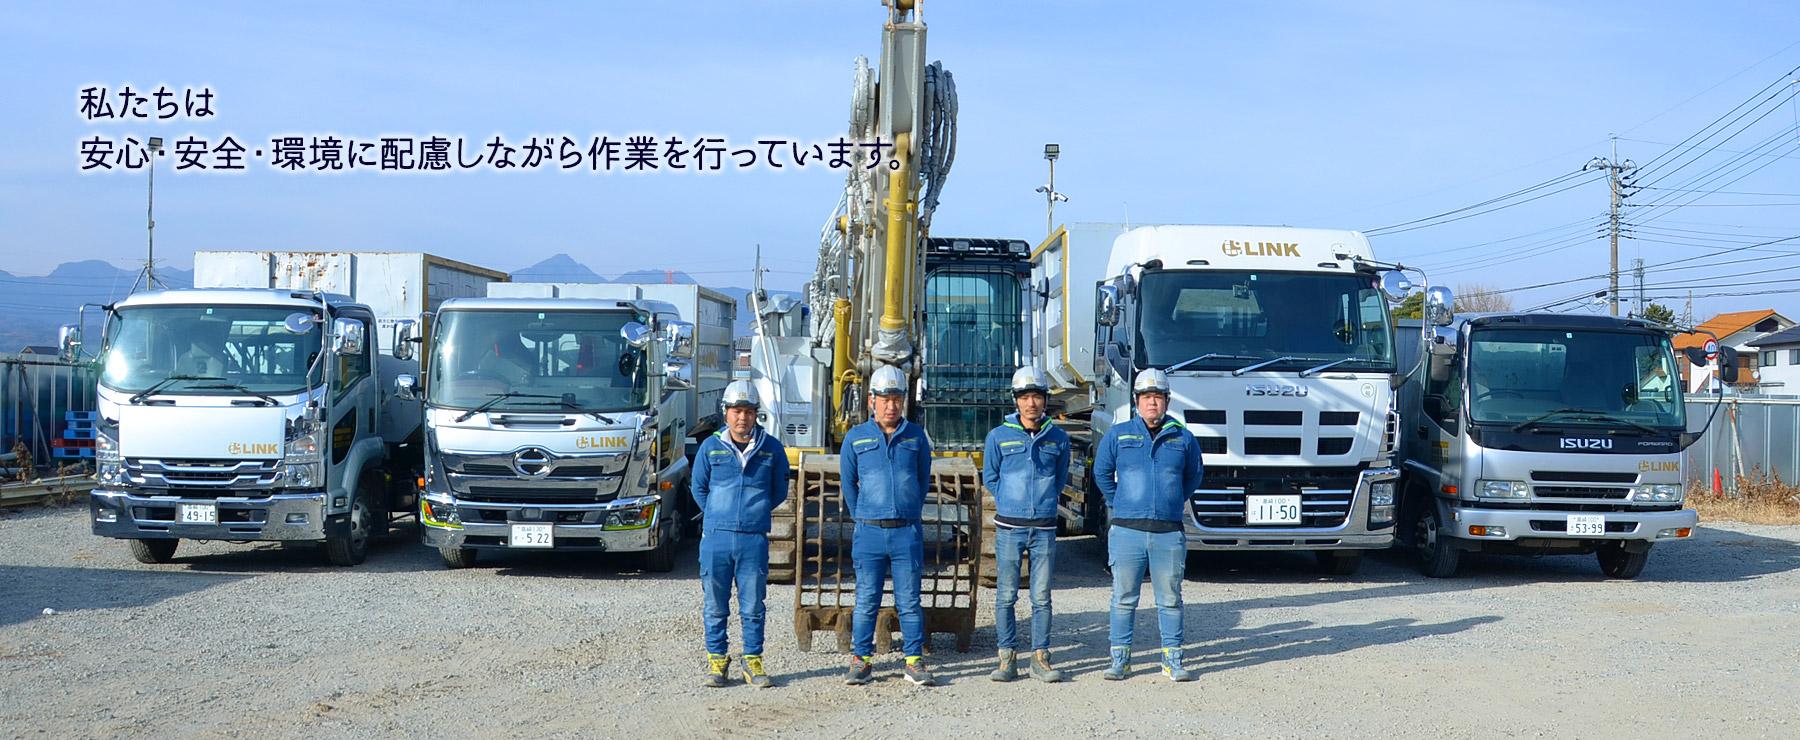 私たちは、安心・安全・環境に配慮しながら作業を行っています。